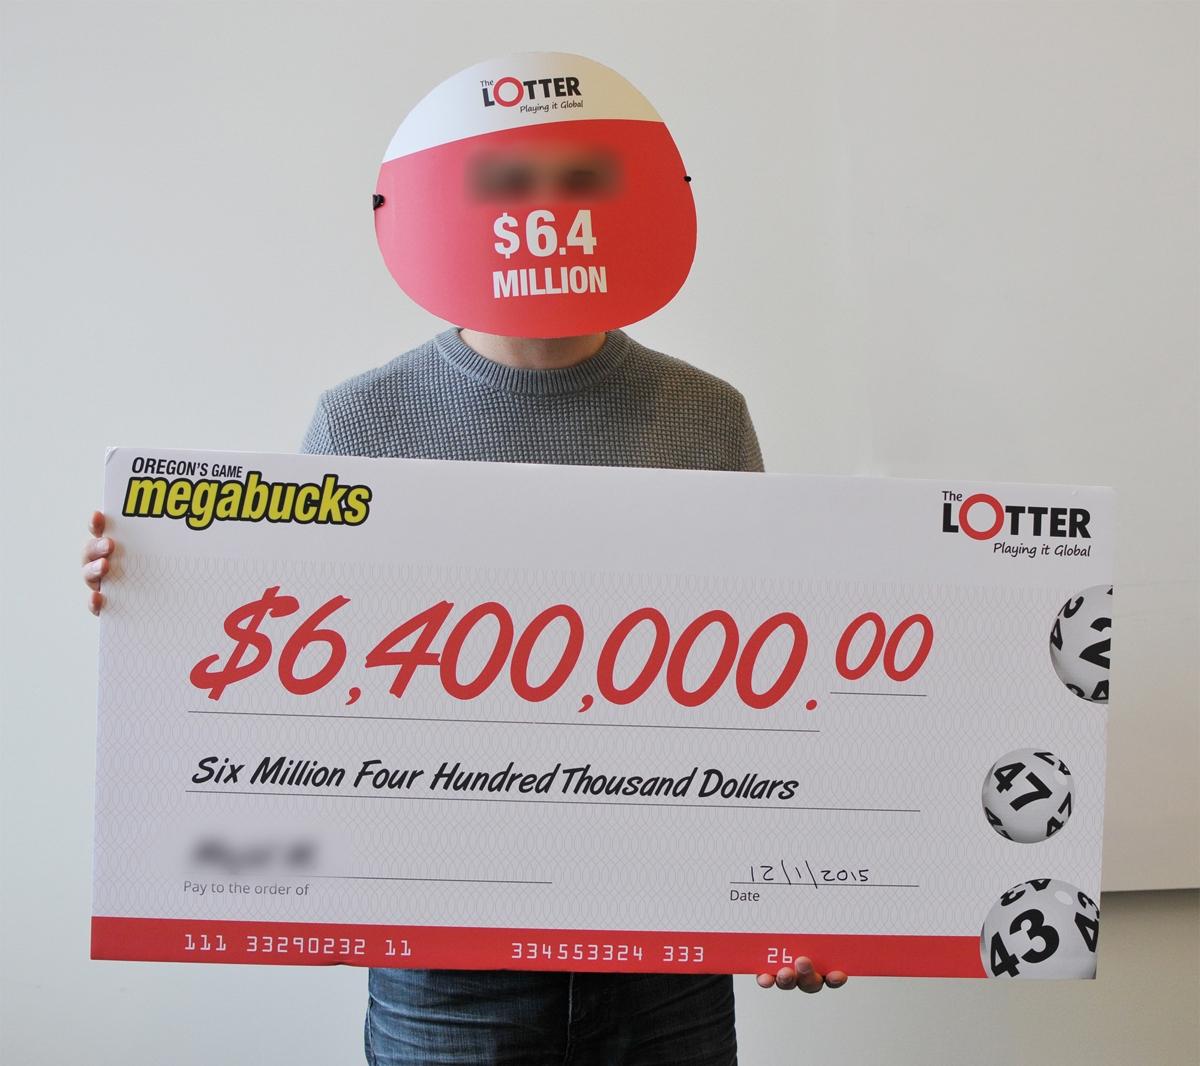 Một người đàn ông Iraq may mắn trúng $6.4 triệu USD khi mua vé số trên TheLotter